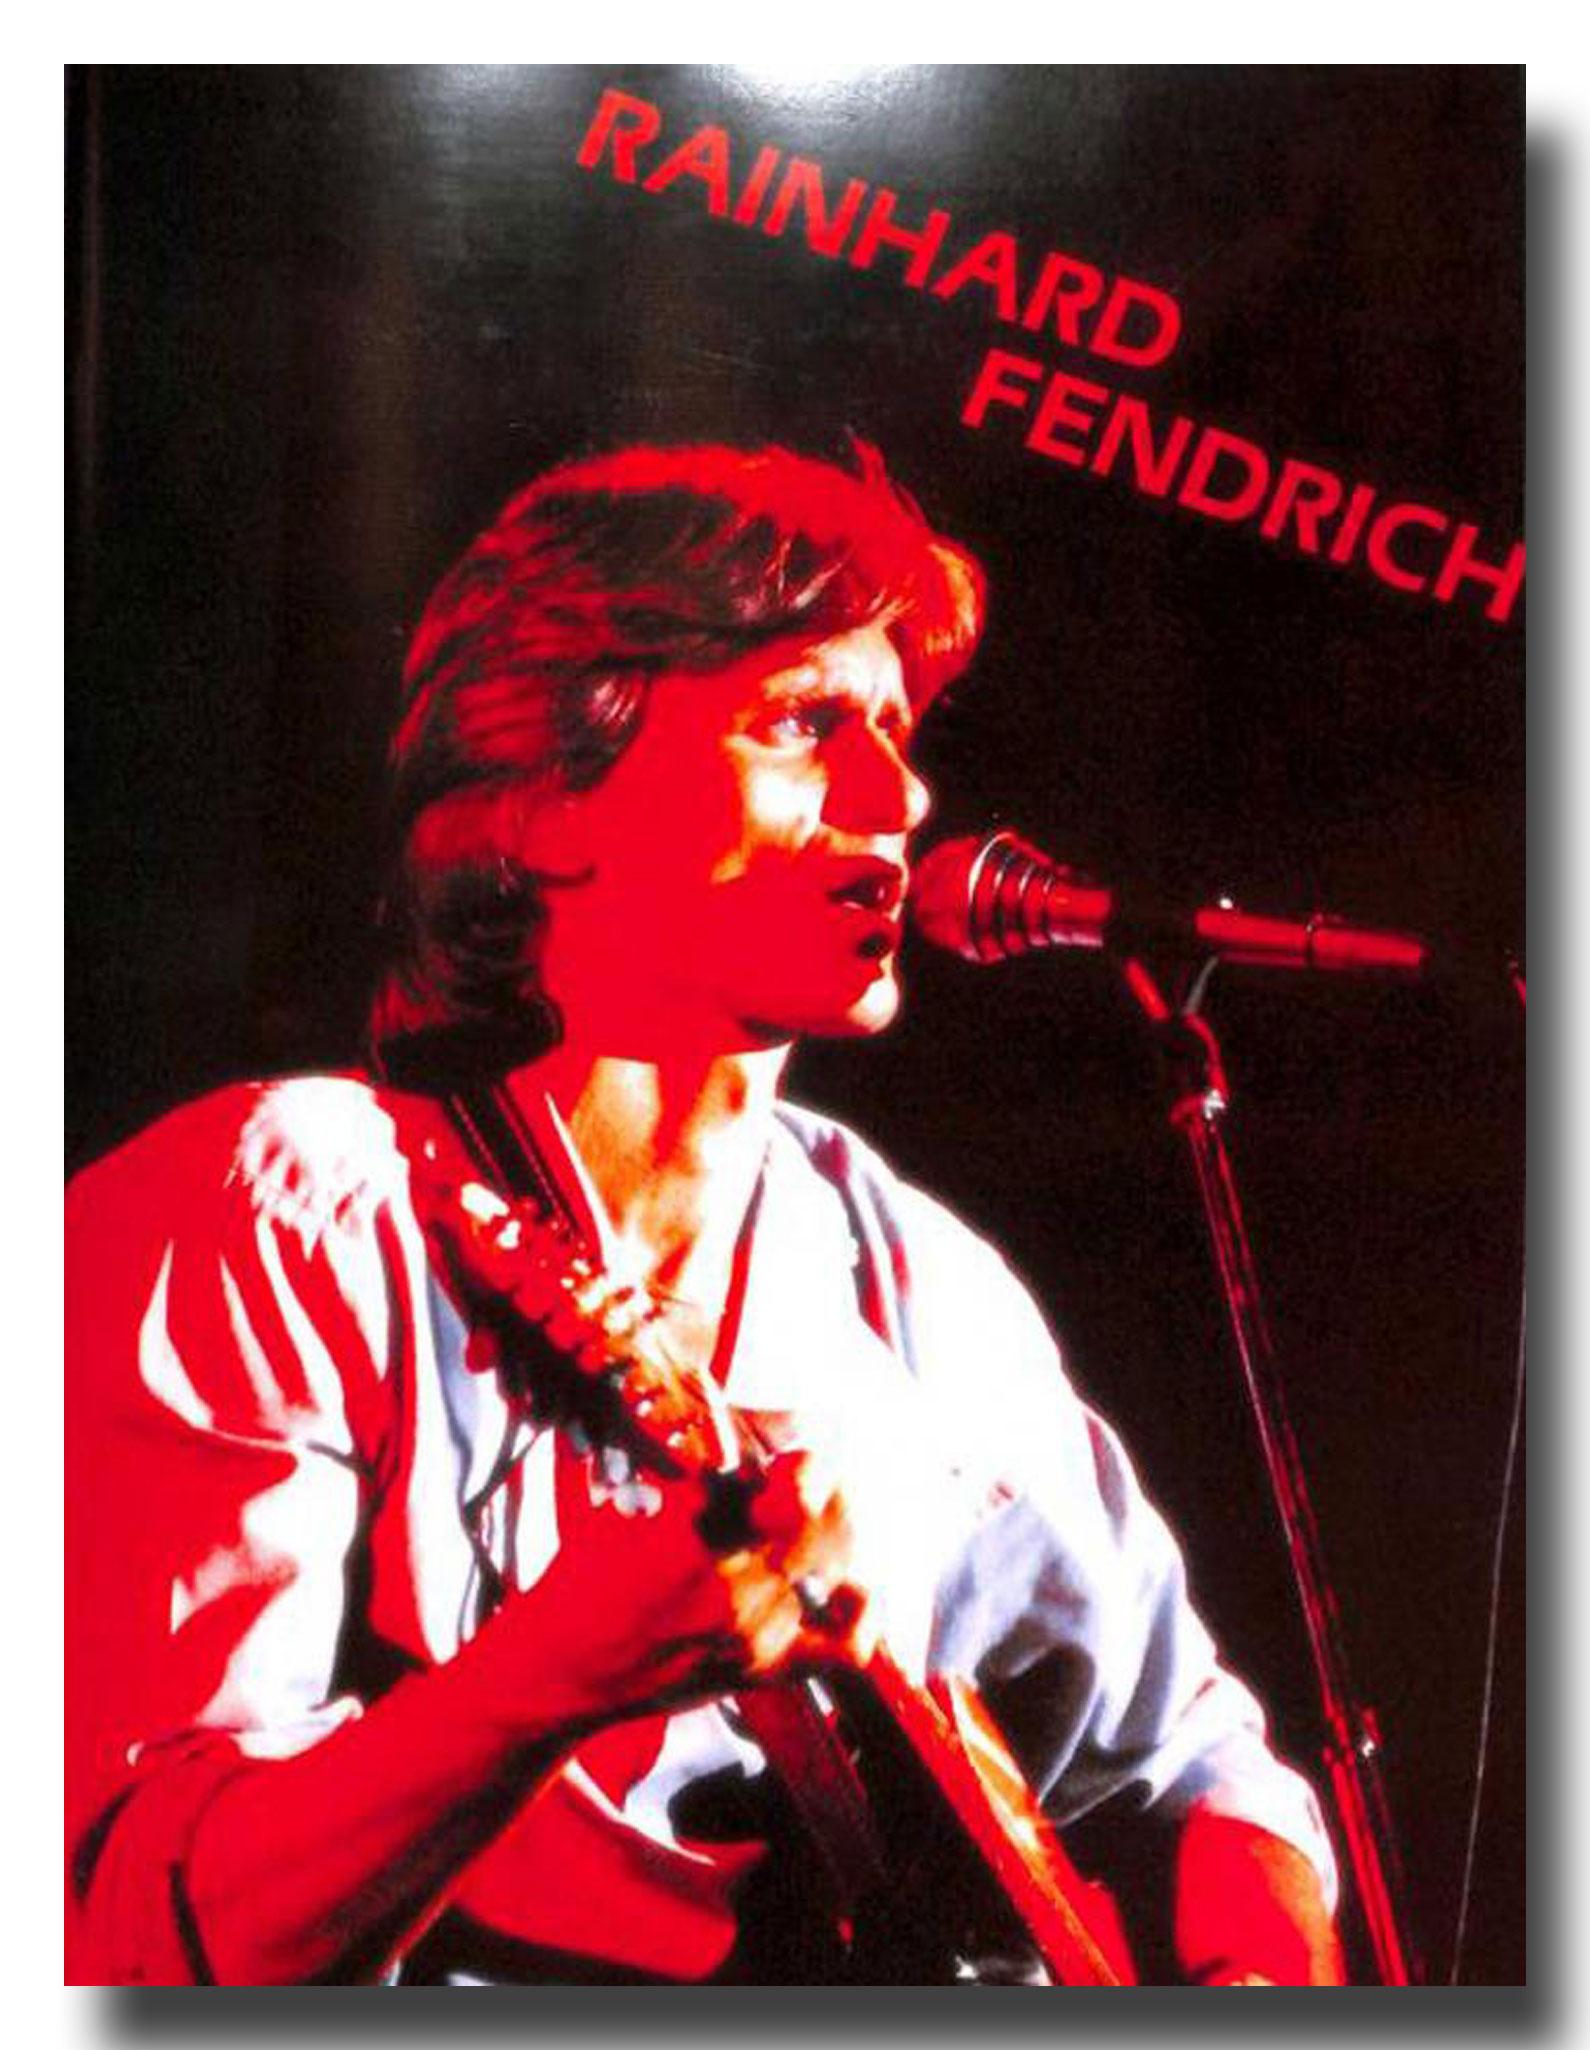 Reinhard Fendrich - Band 2